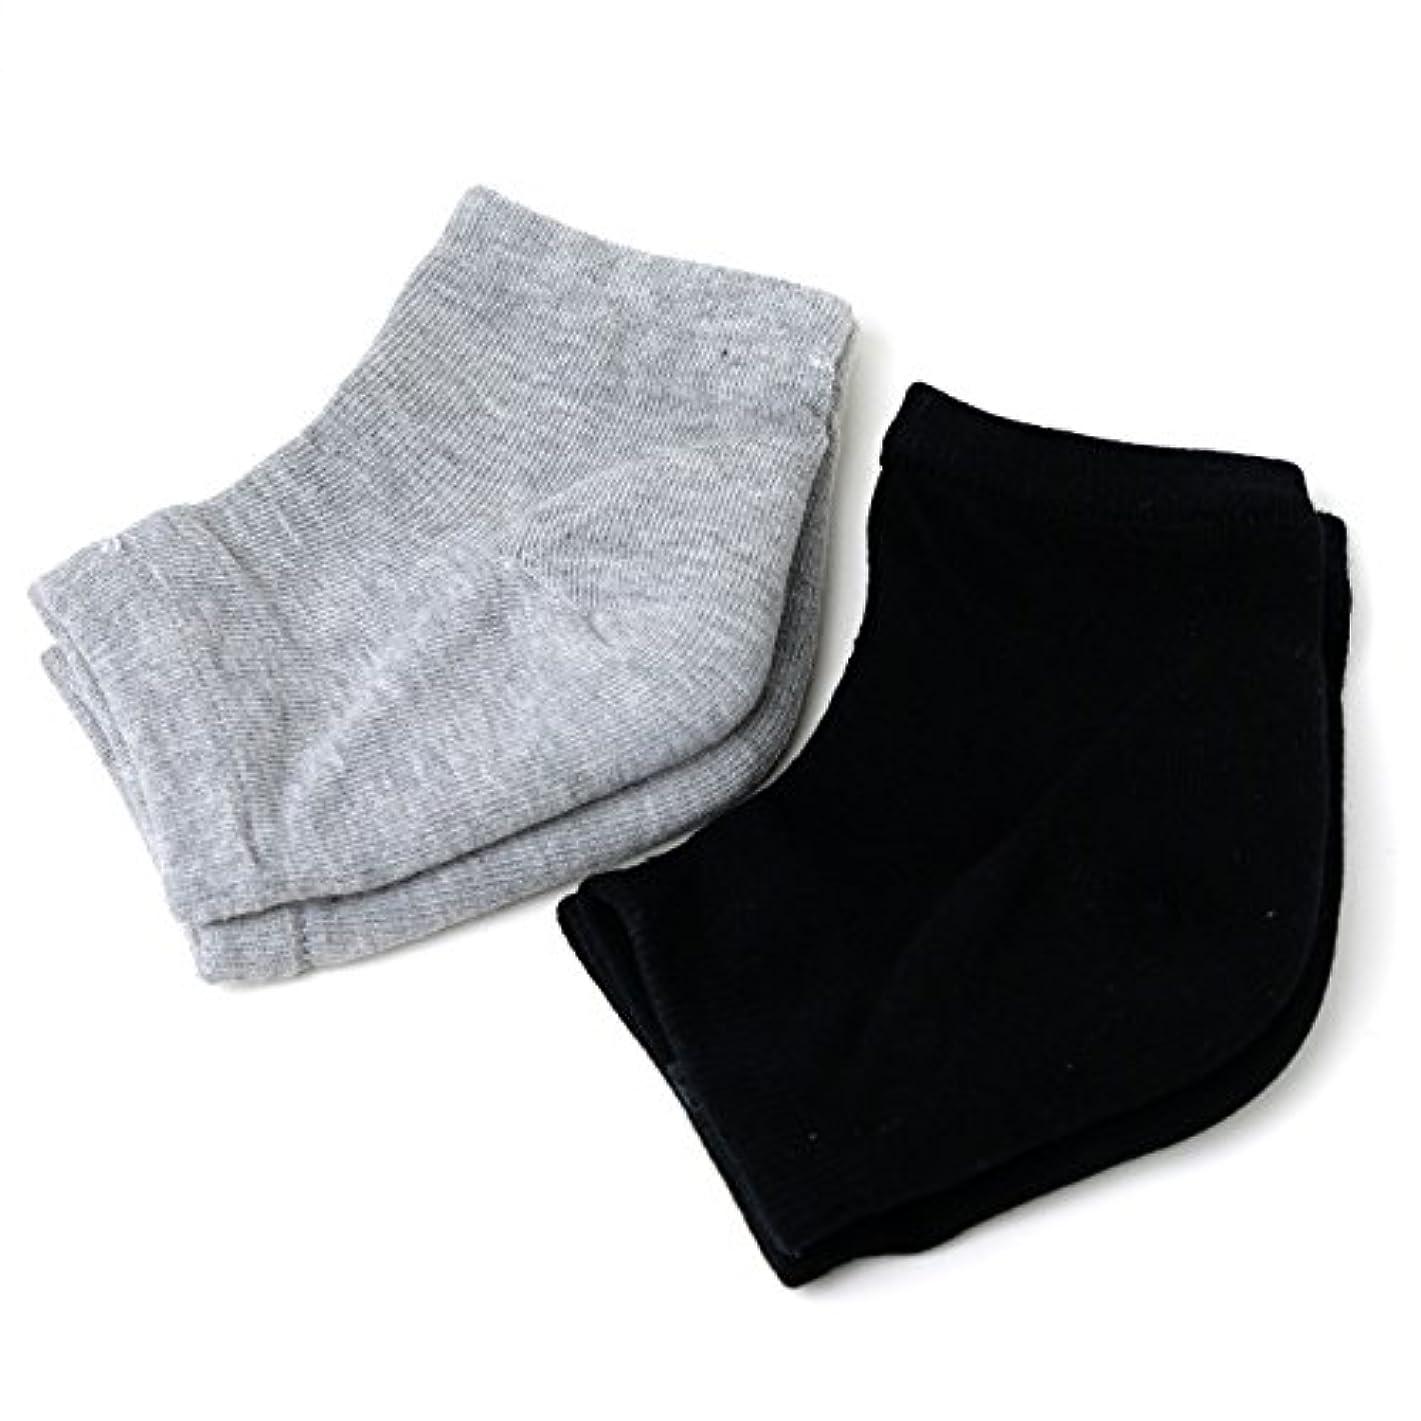 厄介な勃起ステートメントBanane D'or かかと 靴下 ソックス セット (黒×1 グレー×1)